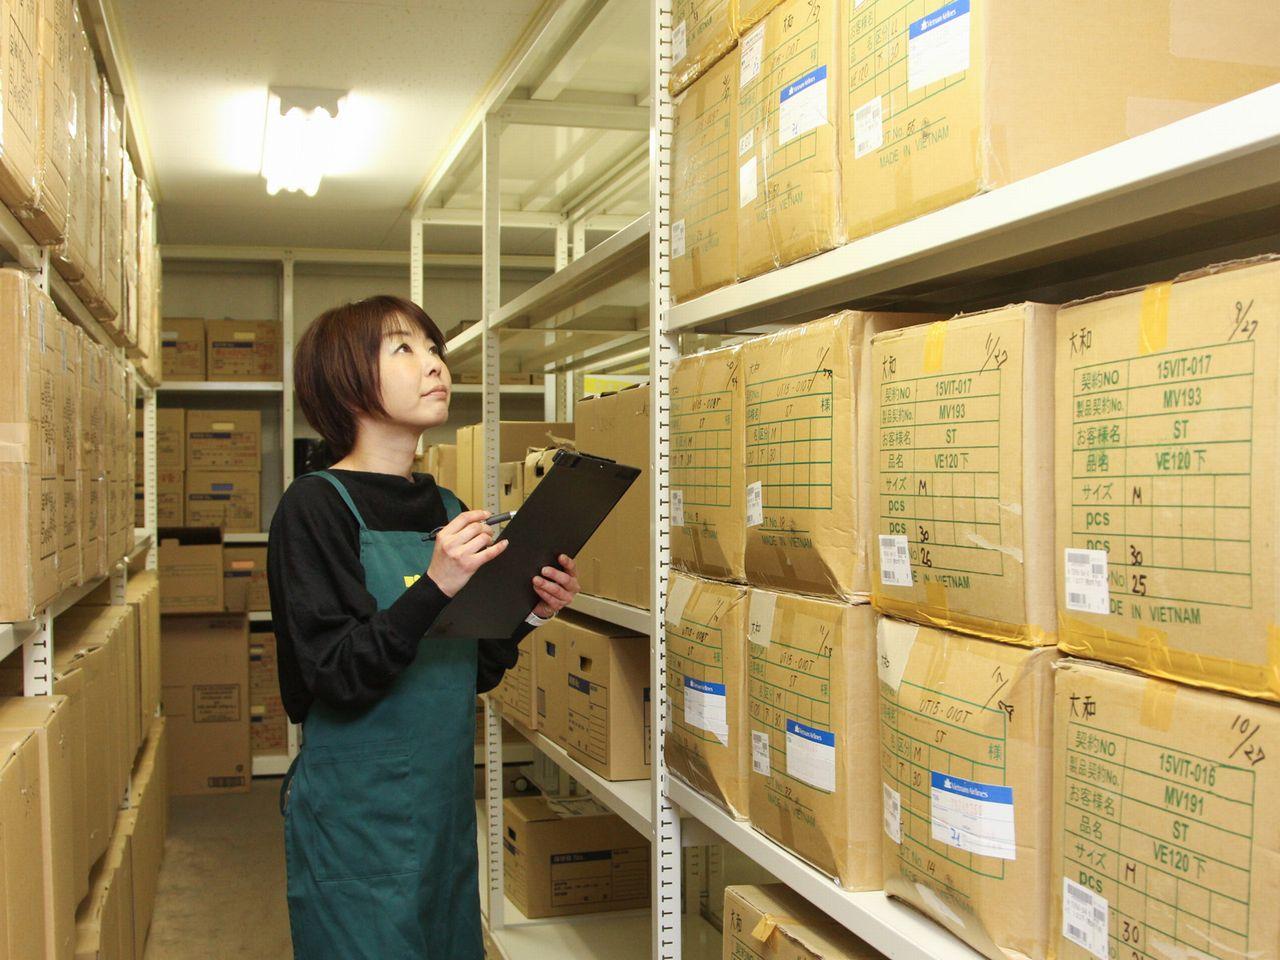 テイケイワークス千葉 千葉支店のアルバイト情報